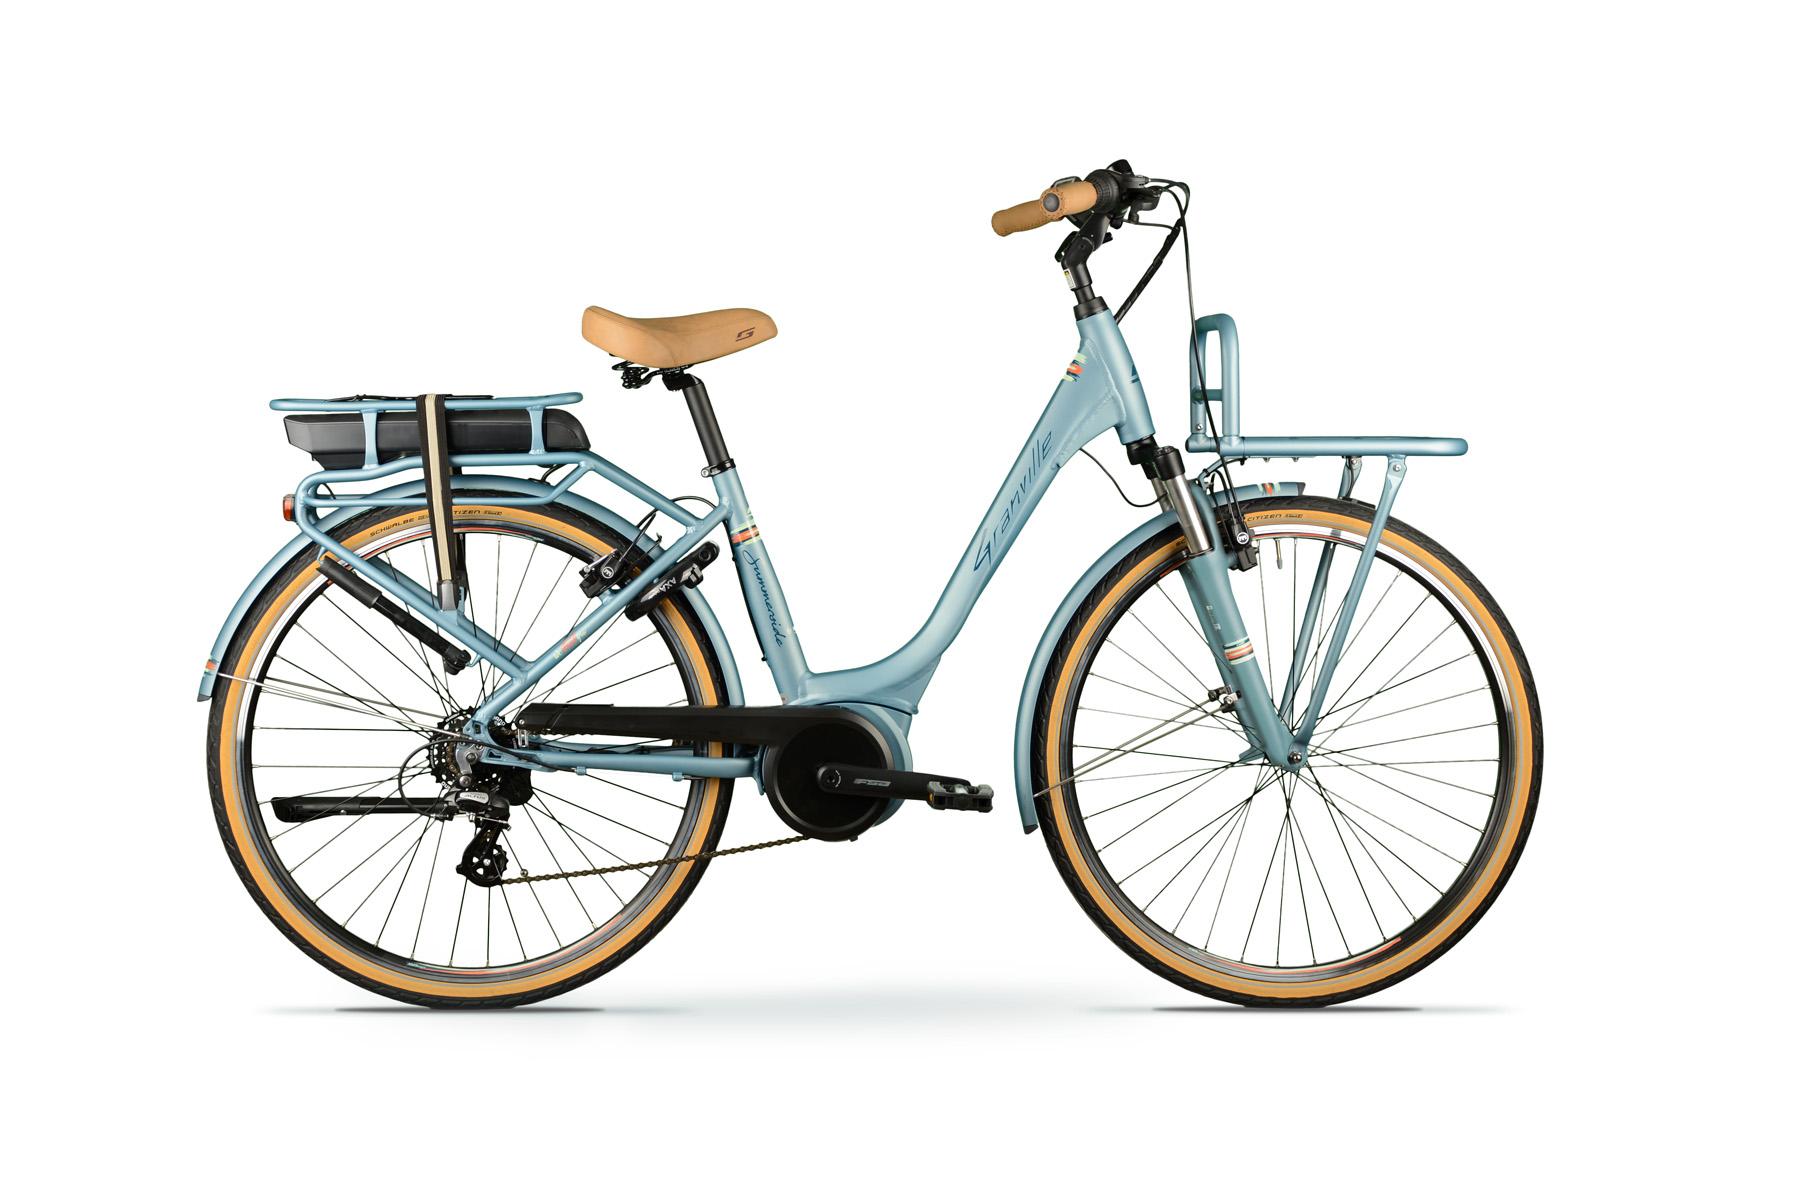 Granville-E-summerside-All-Bikes-Putte-Ludwig-Wynants-racefietsen-elektrische-fietsen-mountainbikes-koersfiets-kopen-herstellingen